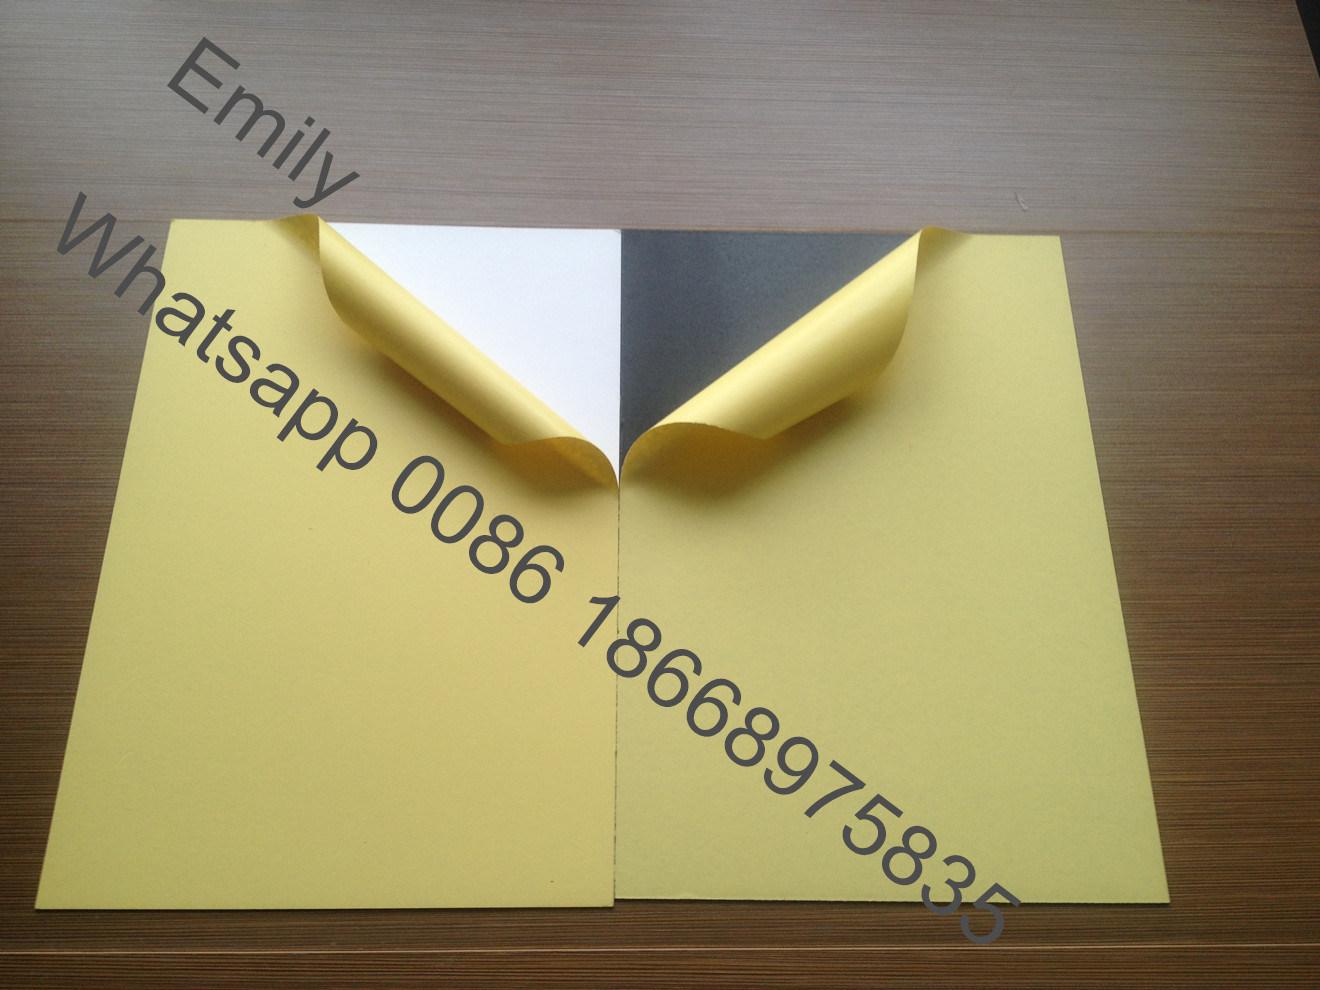 Good Hardness Self-Adhesive PVC Sheet to Make Album